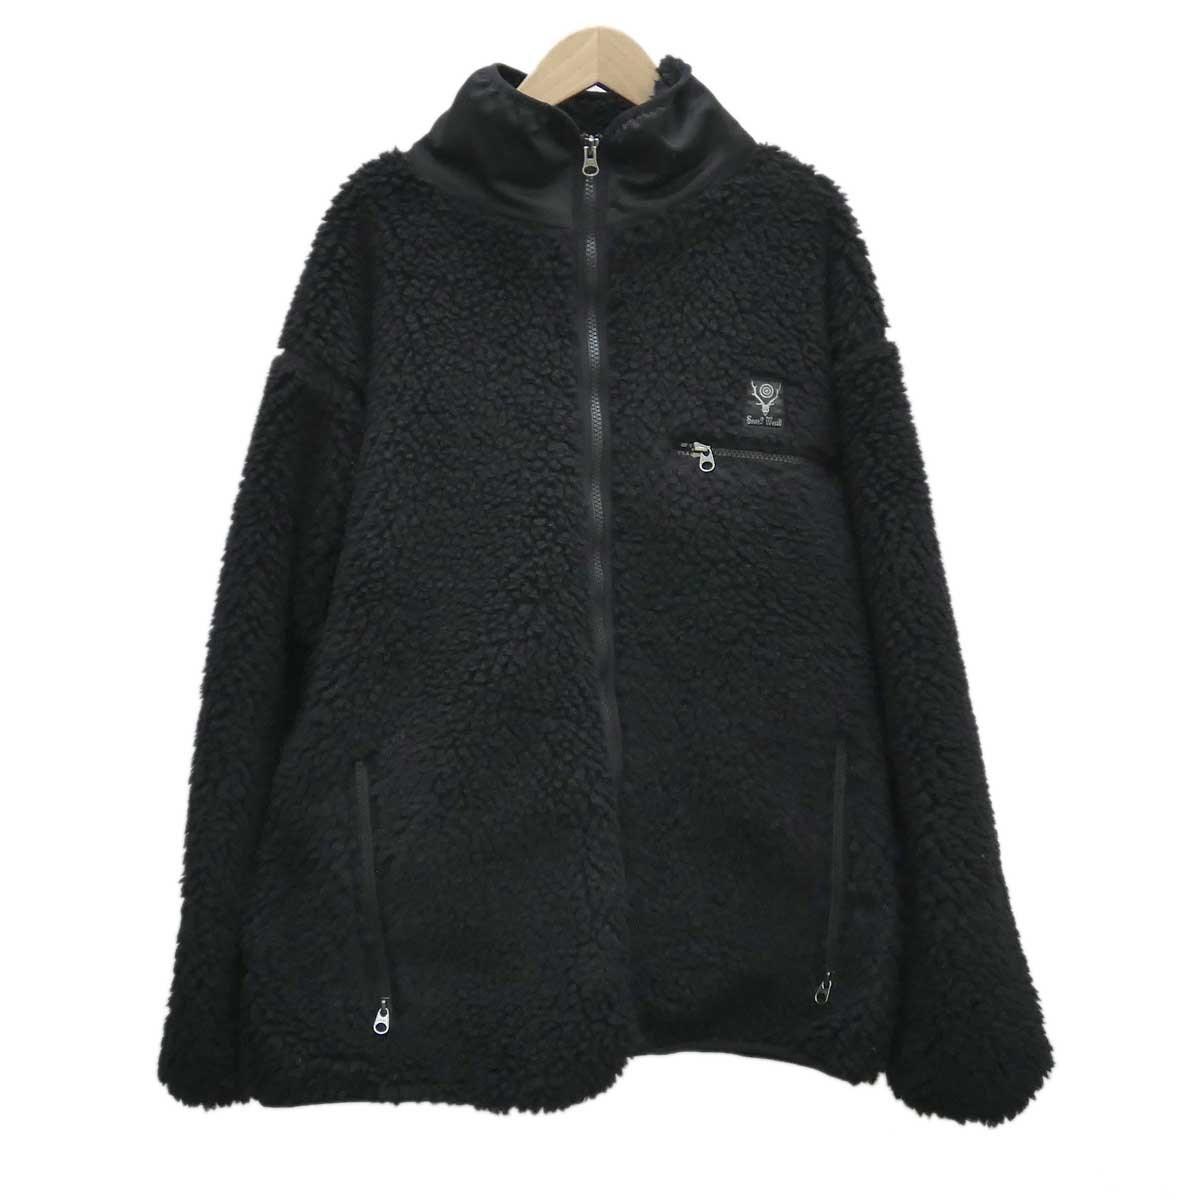 【中古】S2W8 ボアジップアップジャケット D1813 ブラック サイズ:S 【030120】(エスツーダブルエイト)